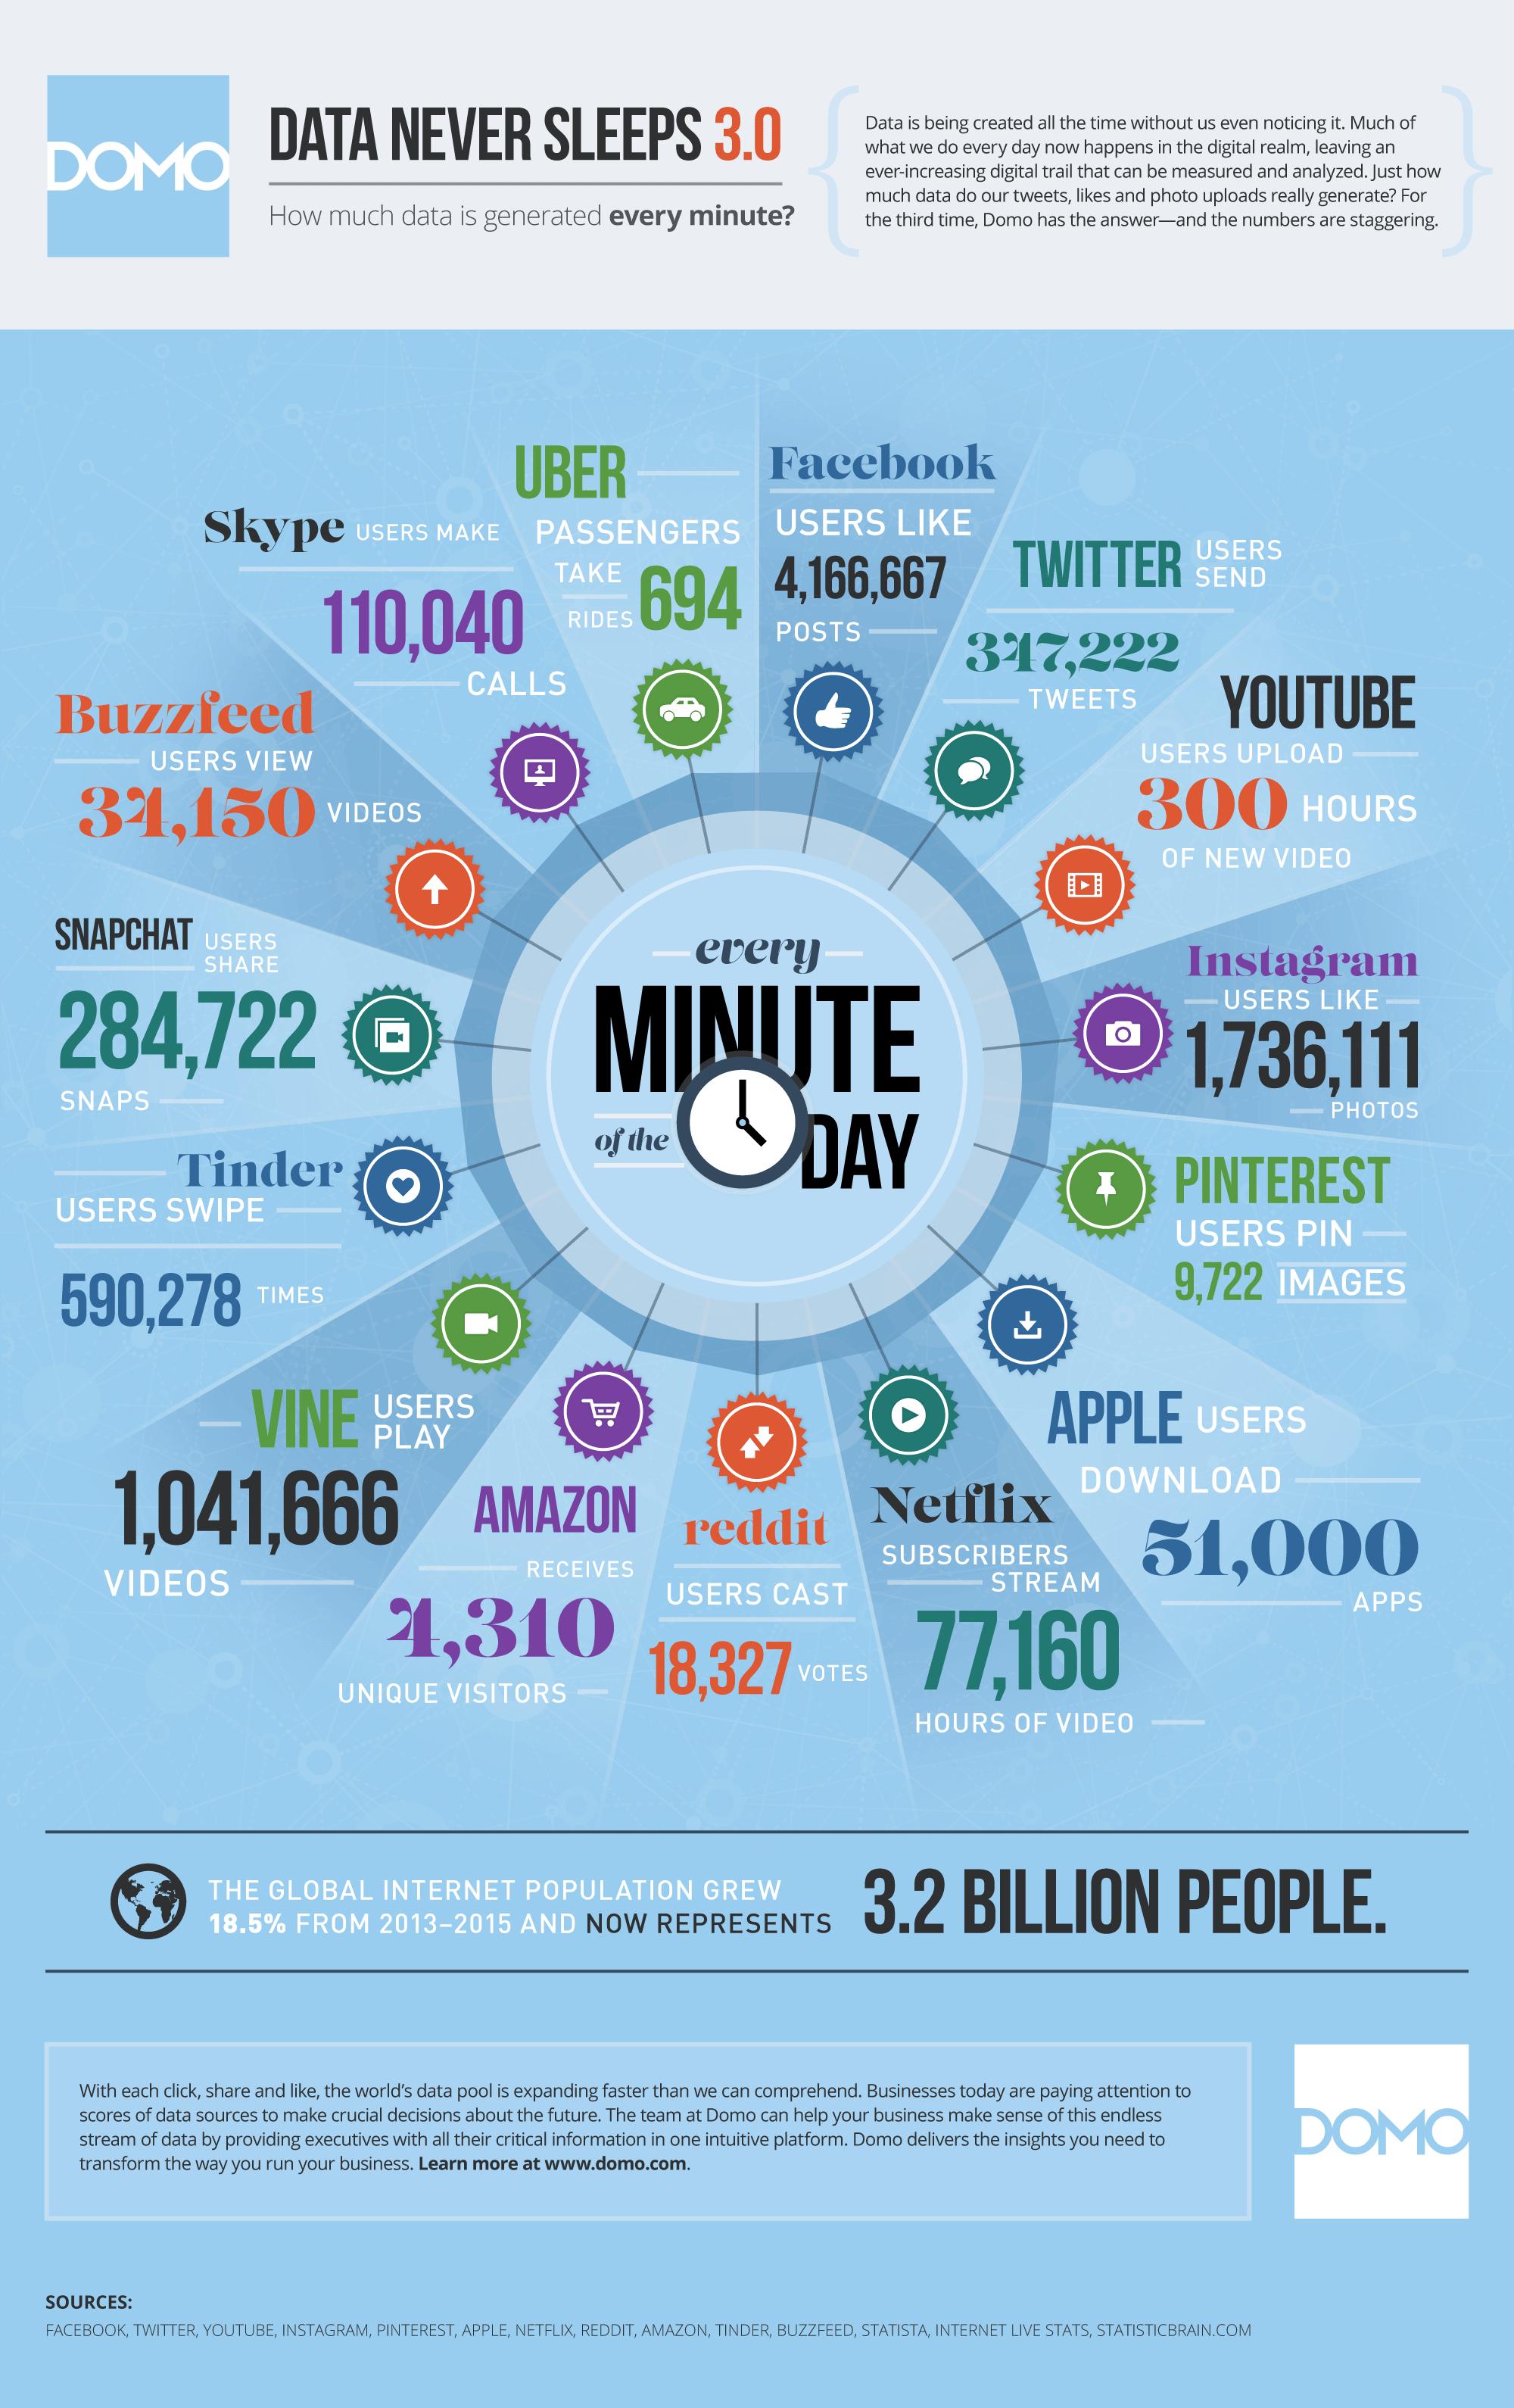 Big-data-combien-de-données-chaque-minute